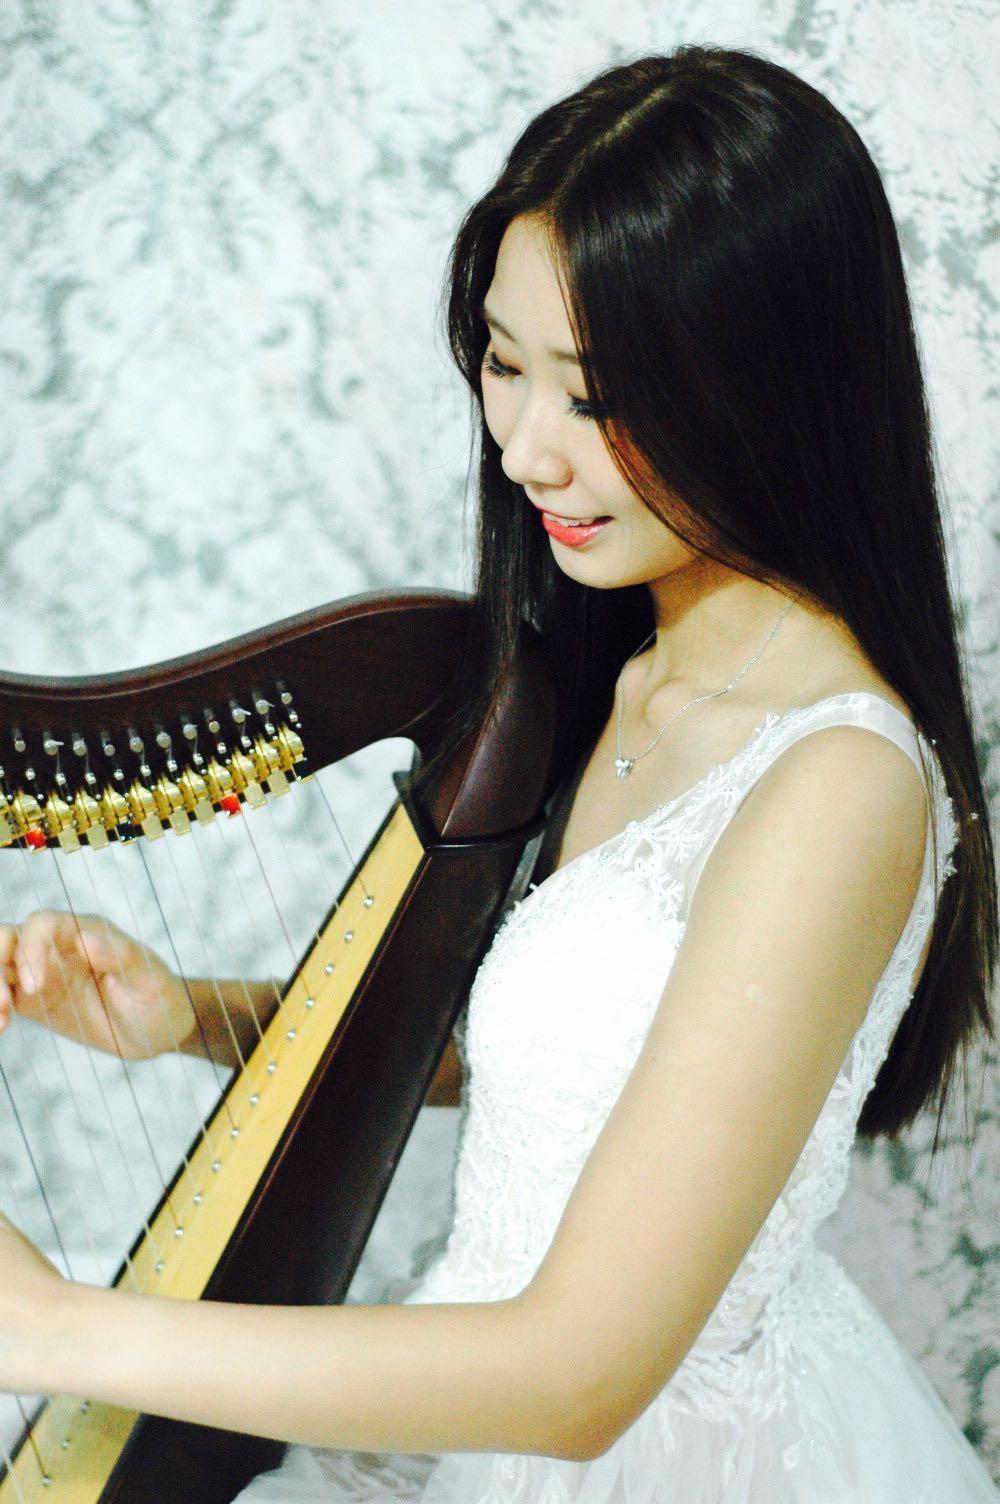 中學音樂科老師-鋼琴/豎琴/樂理。 豎琴演奏級,八級鋼琴及樂理。音樂教育碩士